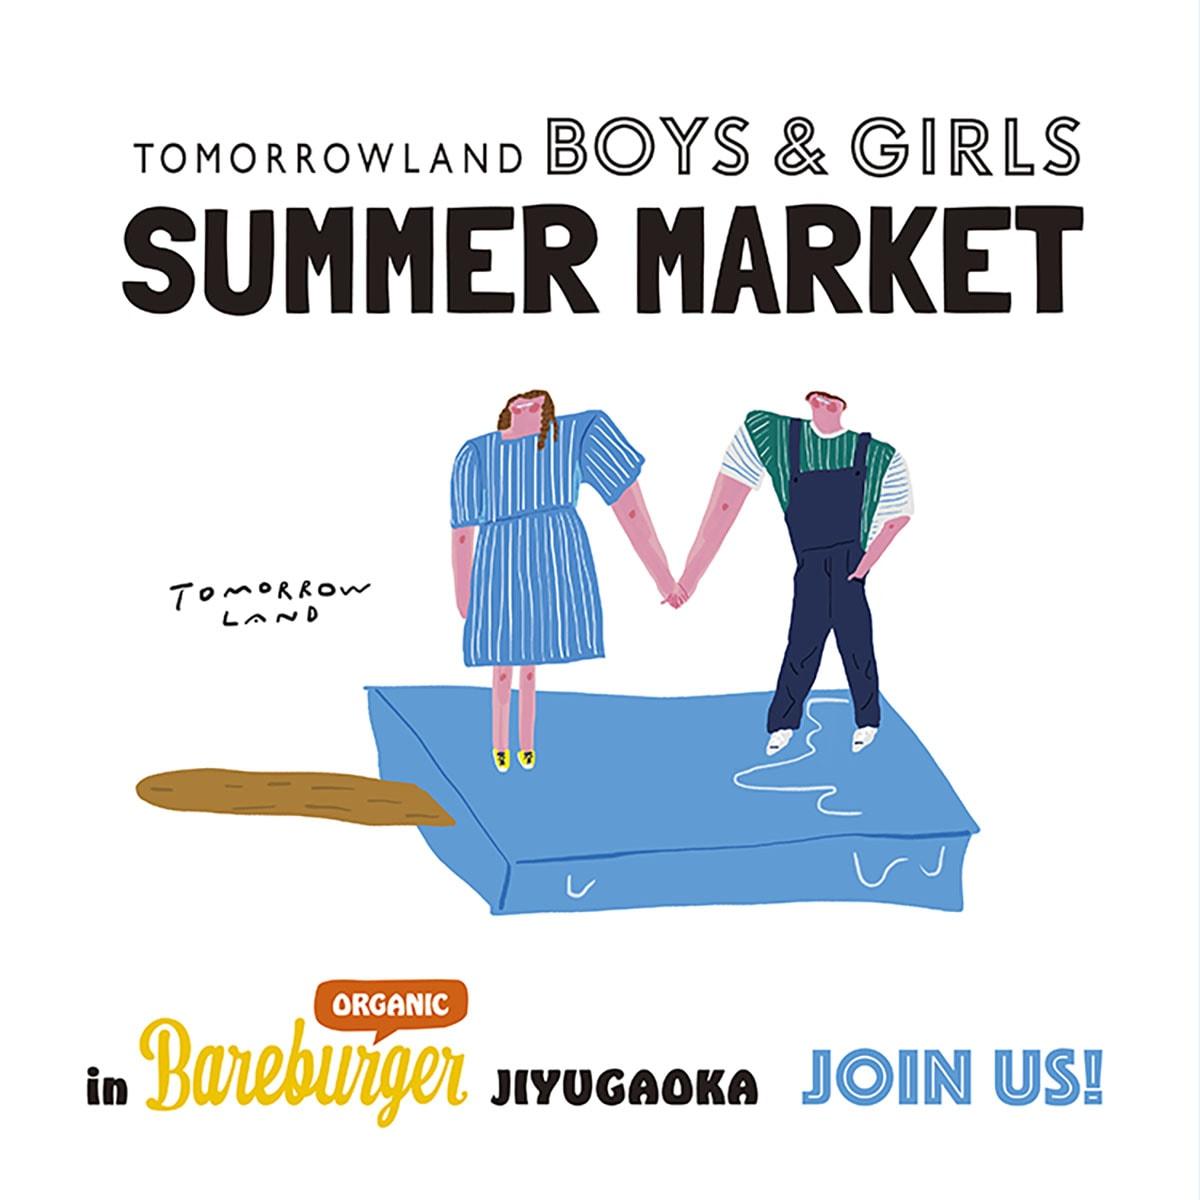 〈トゥモローランド ボーイズアンドガールズ〉主催、子どもと楽しめる夏まつりを開催!MilK会員へのプレゼントも!